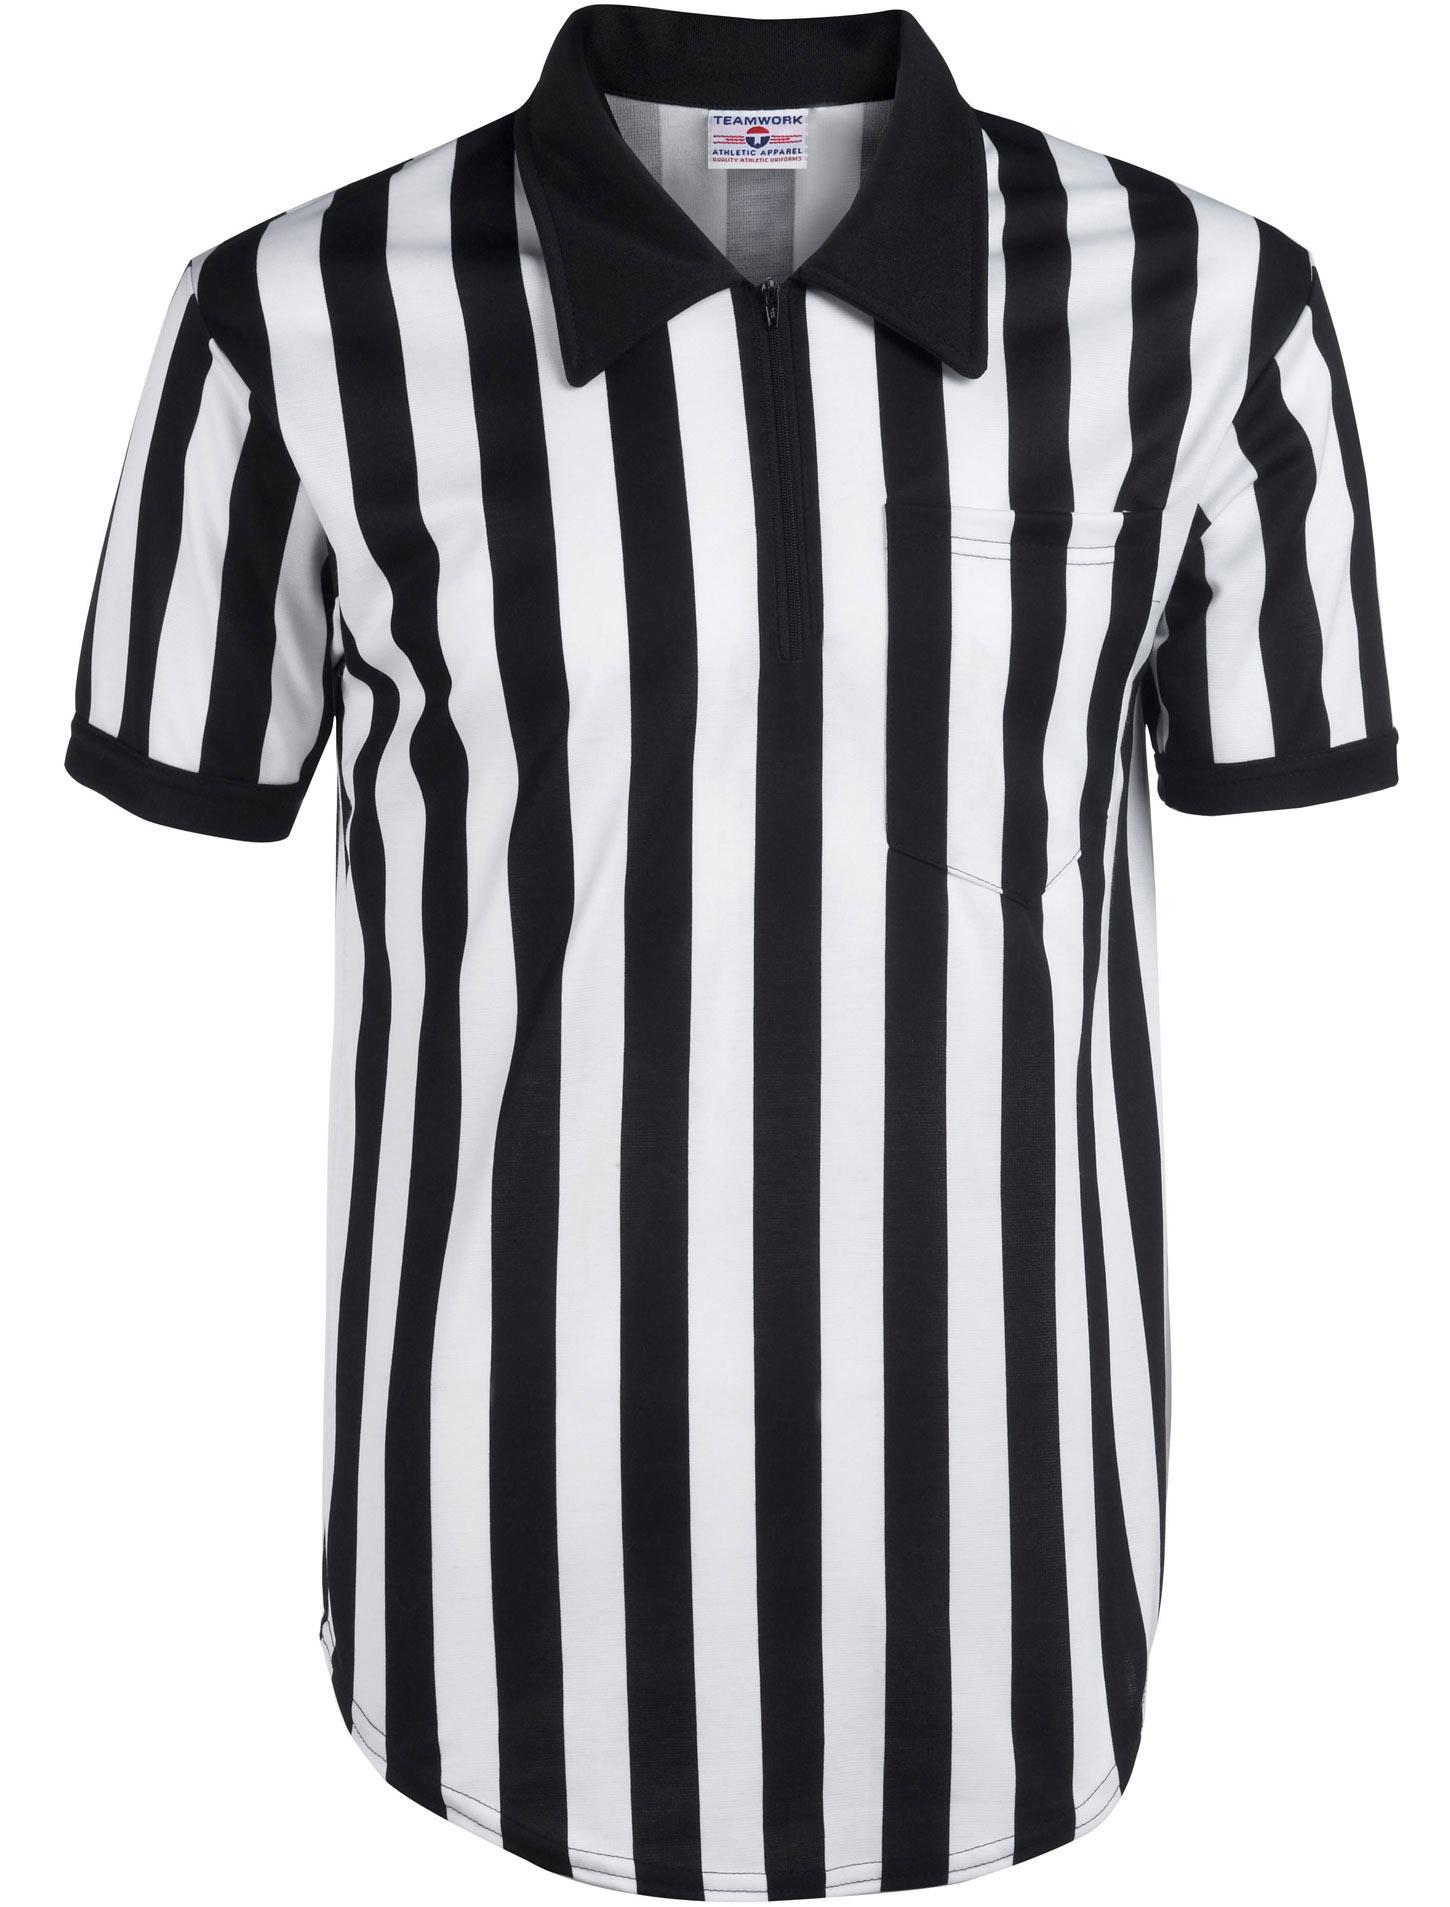 nike nfl nfl female referee